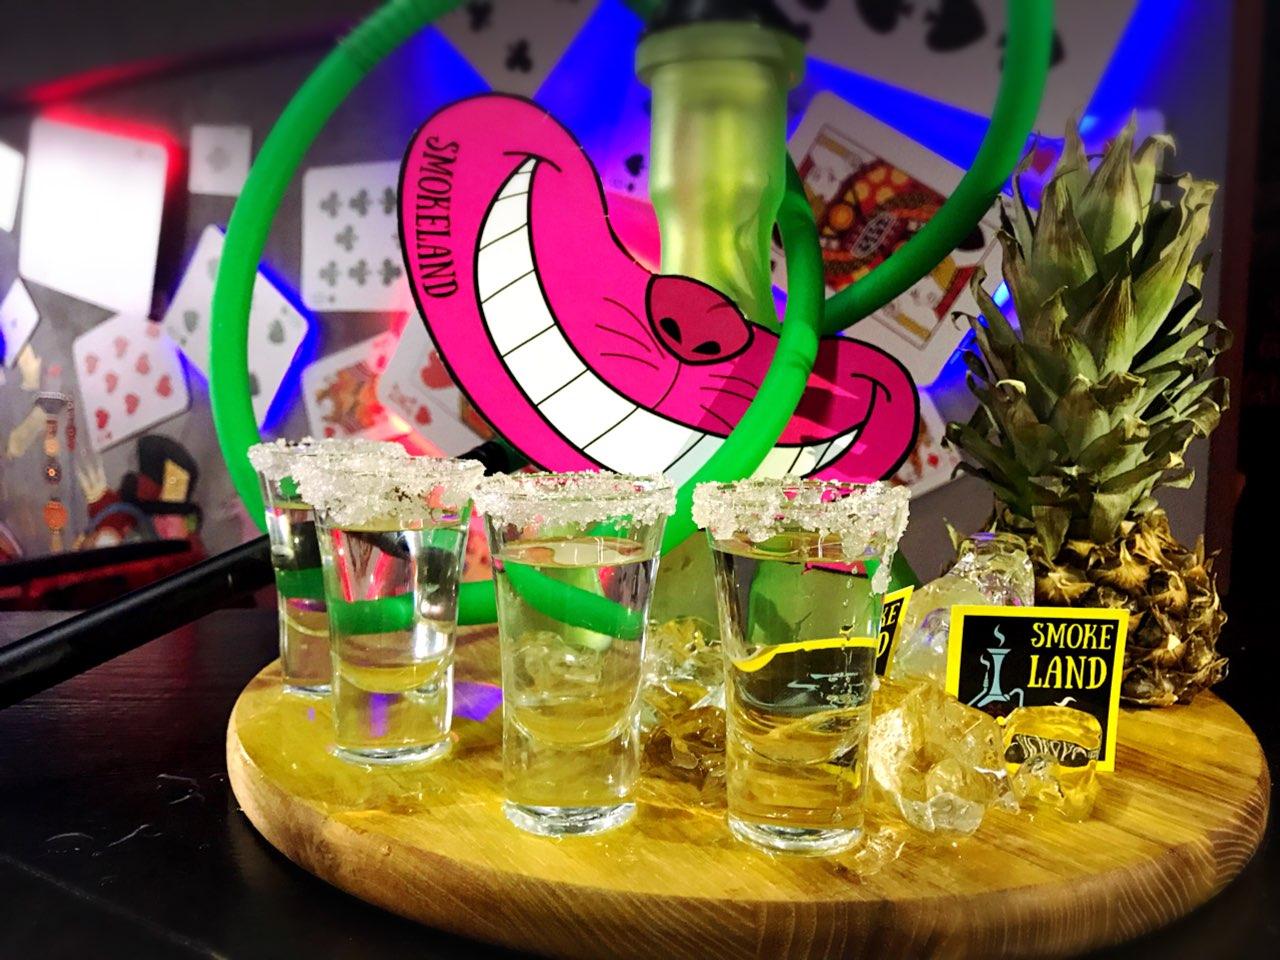 Кальян-бар киев, кальян-бар Smokeland, кальянная в центре киева,Меню кальян бара SMOKELAND,кальян бар киев,киев кальян,где покурить кальян киев, кальянные киева,кальян саксаганского ( (20)